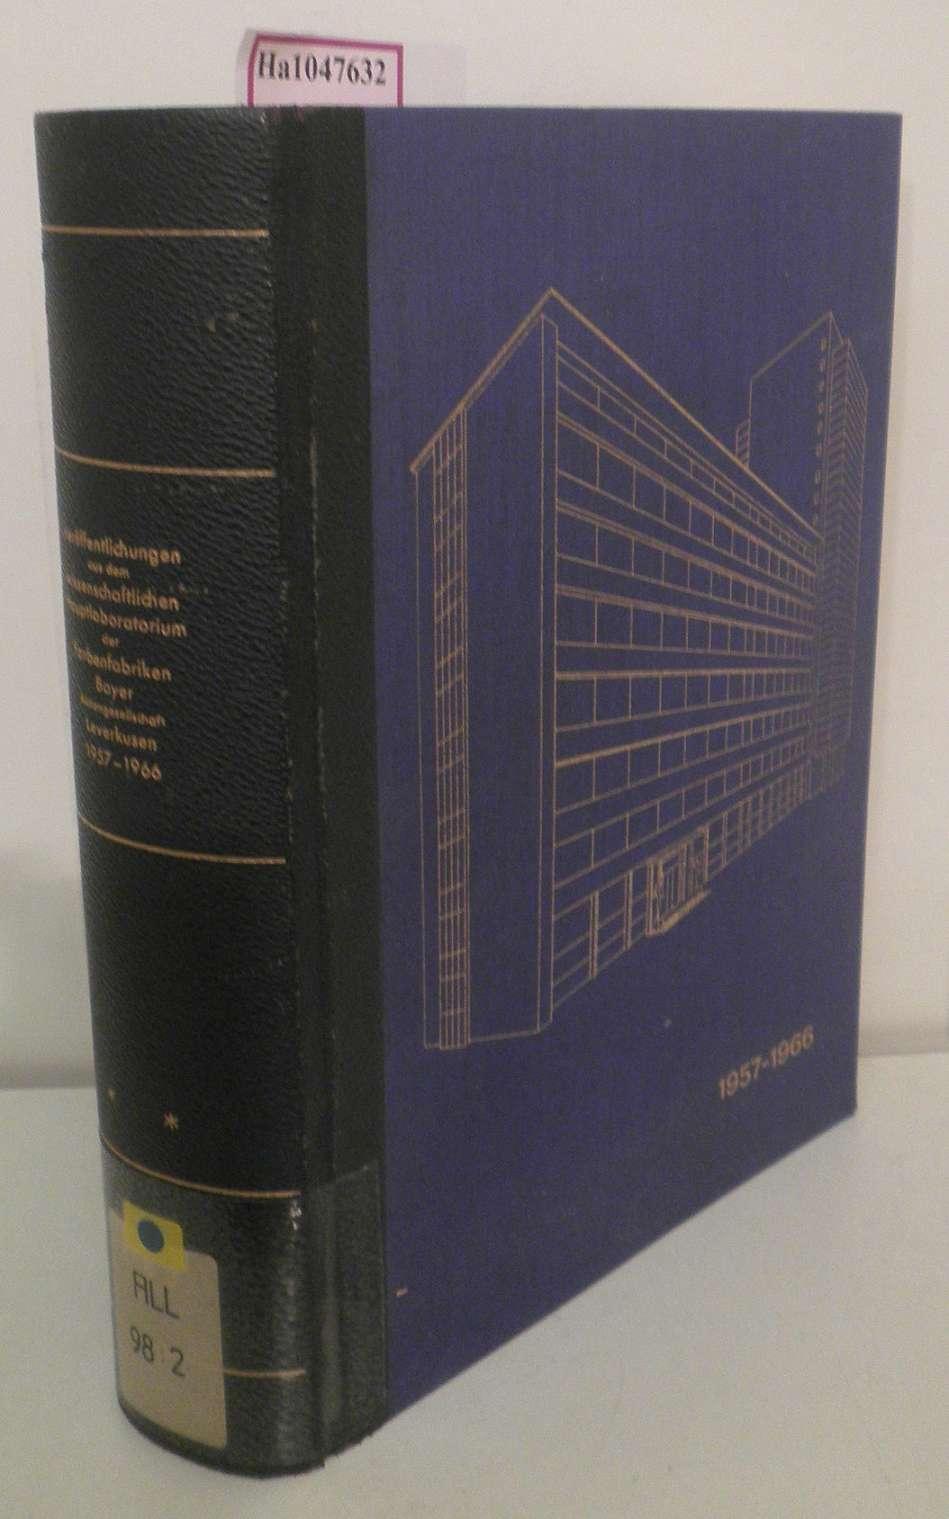 Veröffentlichungen aus dem Wissenschaftlichen Hauptlabor der Farbenfabriken Bayer Aktiengesellschaft Leverkusen. II. 1957-1966.